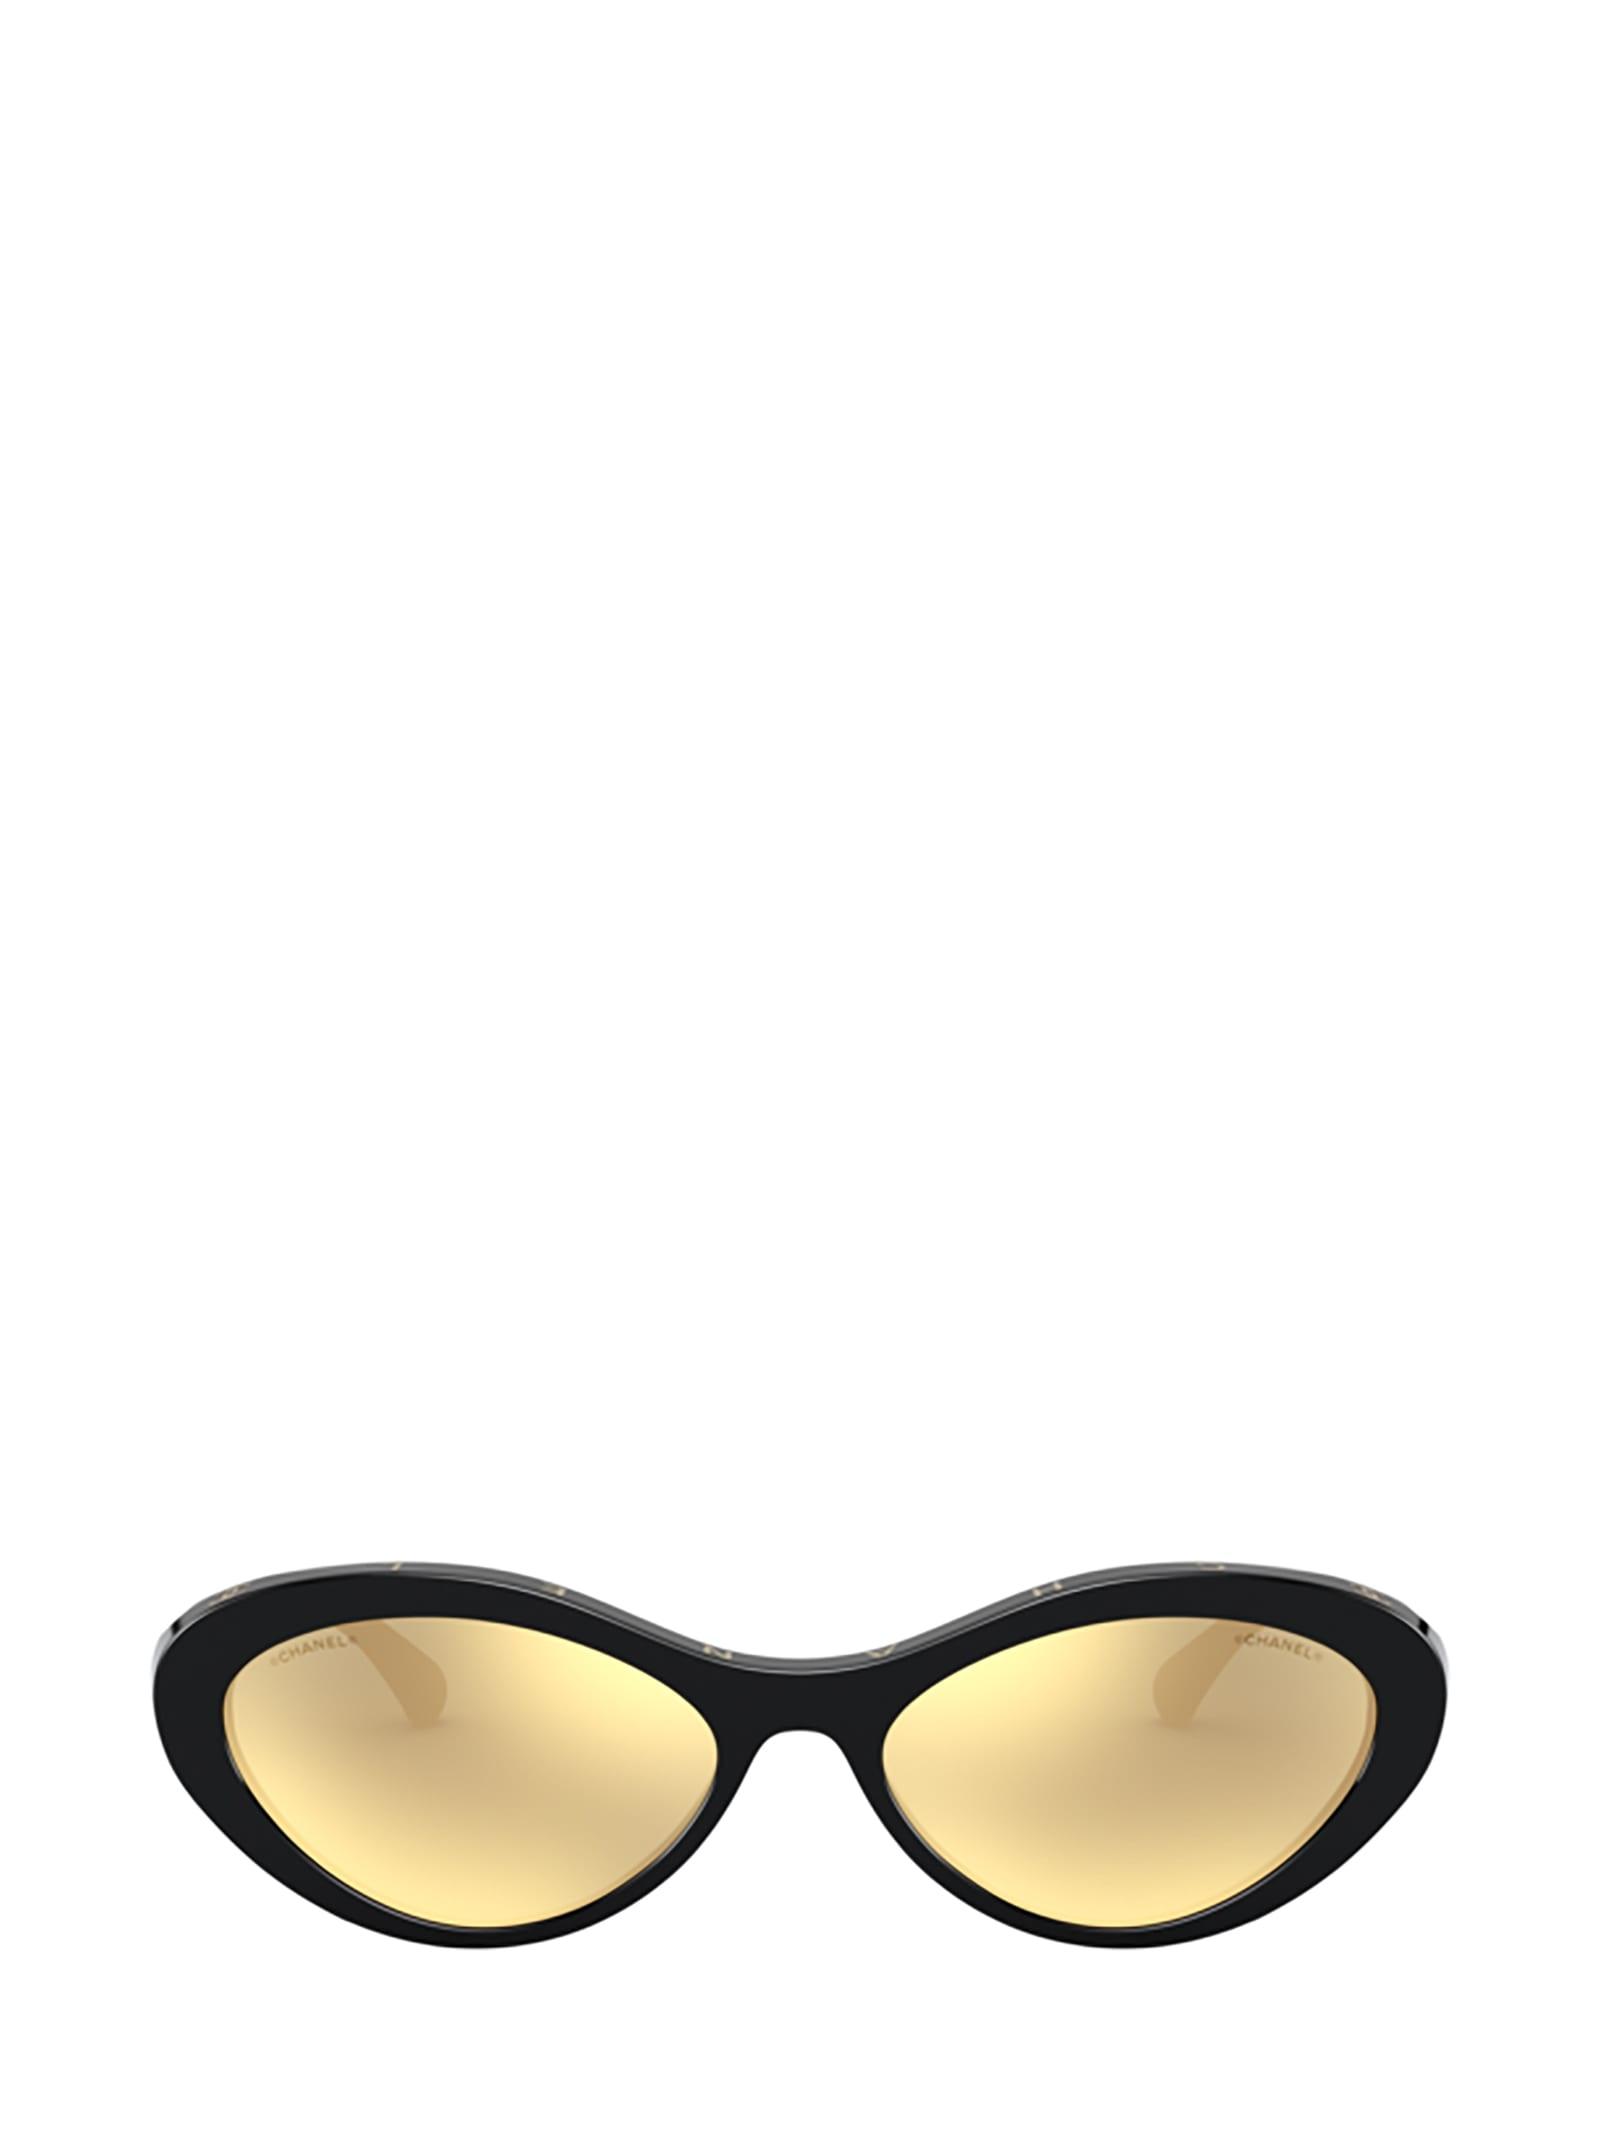 Chanel Chanel Ch5416 Black Sunglasses